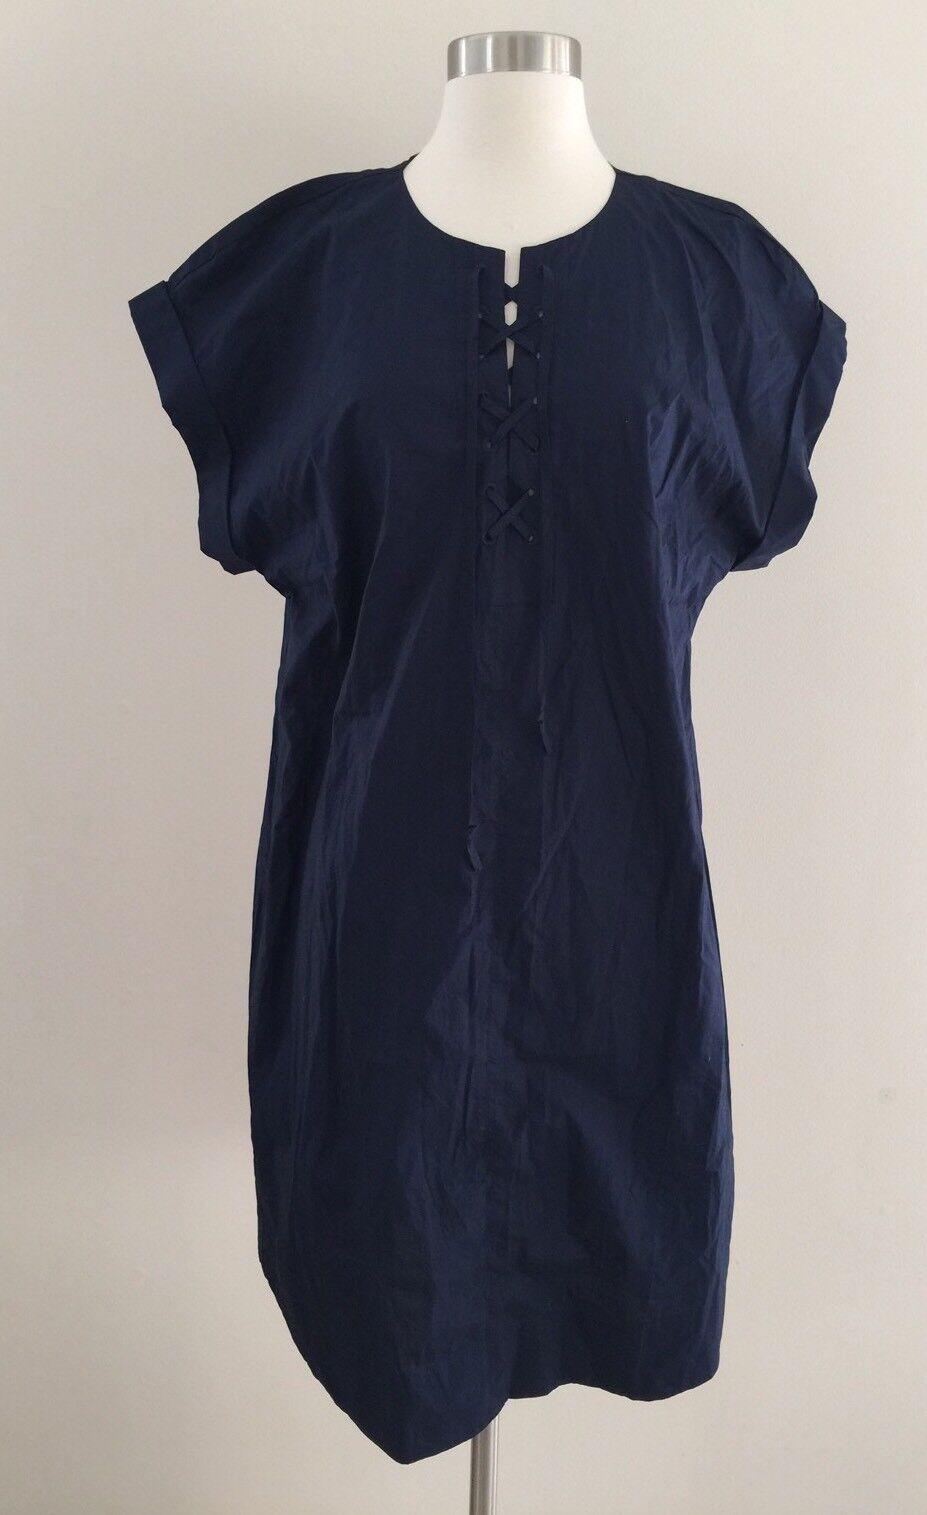 NEW Jcrew Tall Lace Up Cotton Shirt Dress NAVY G6001 SUMMER 2017 TXL SOLD-OUT